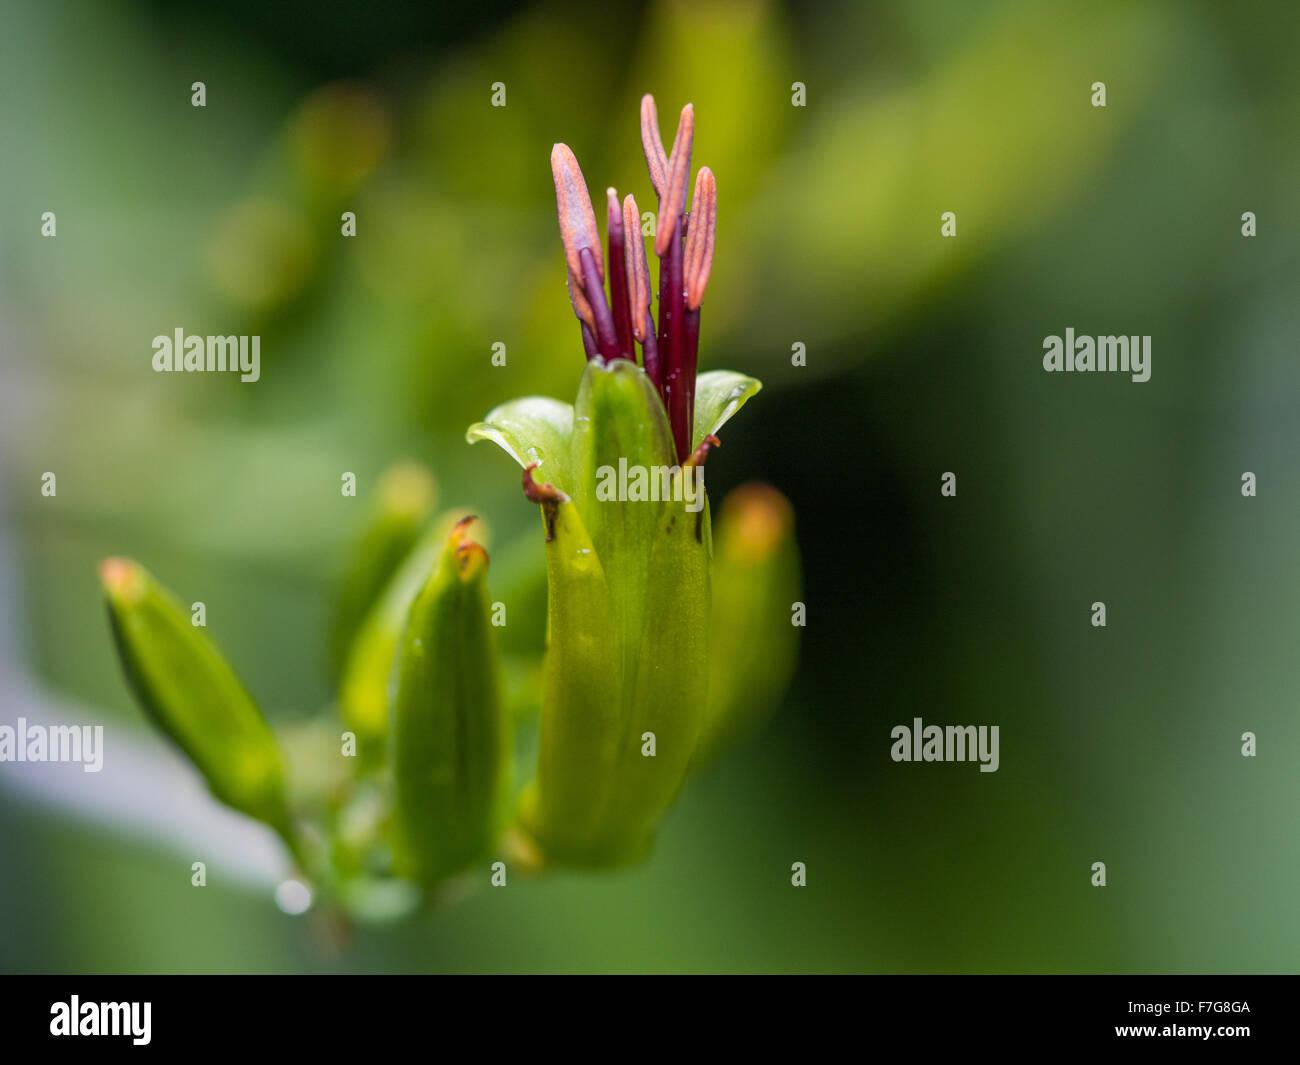 Flax Stamens emerge from  Wharariki  Flax (Phormium cookianum) Flower. Spring, Pohueroa, Whanganui, North Island, - Stock Image